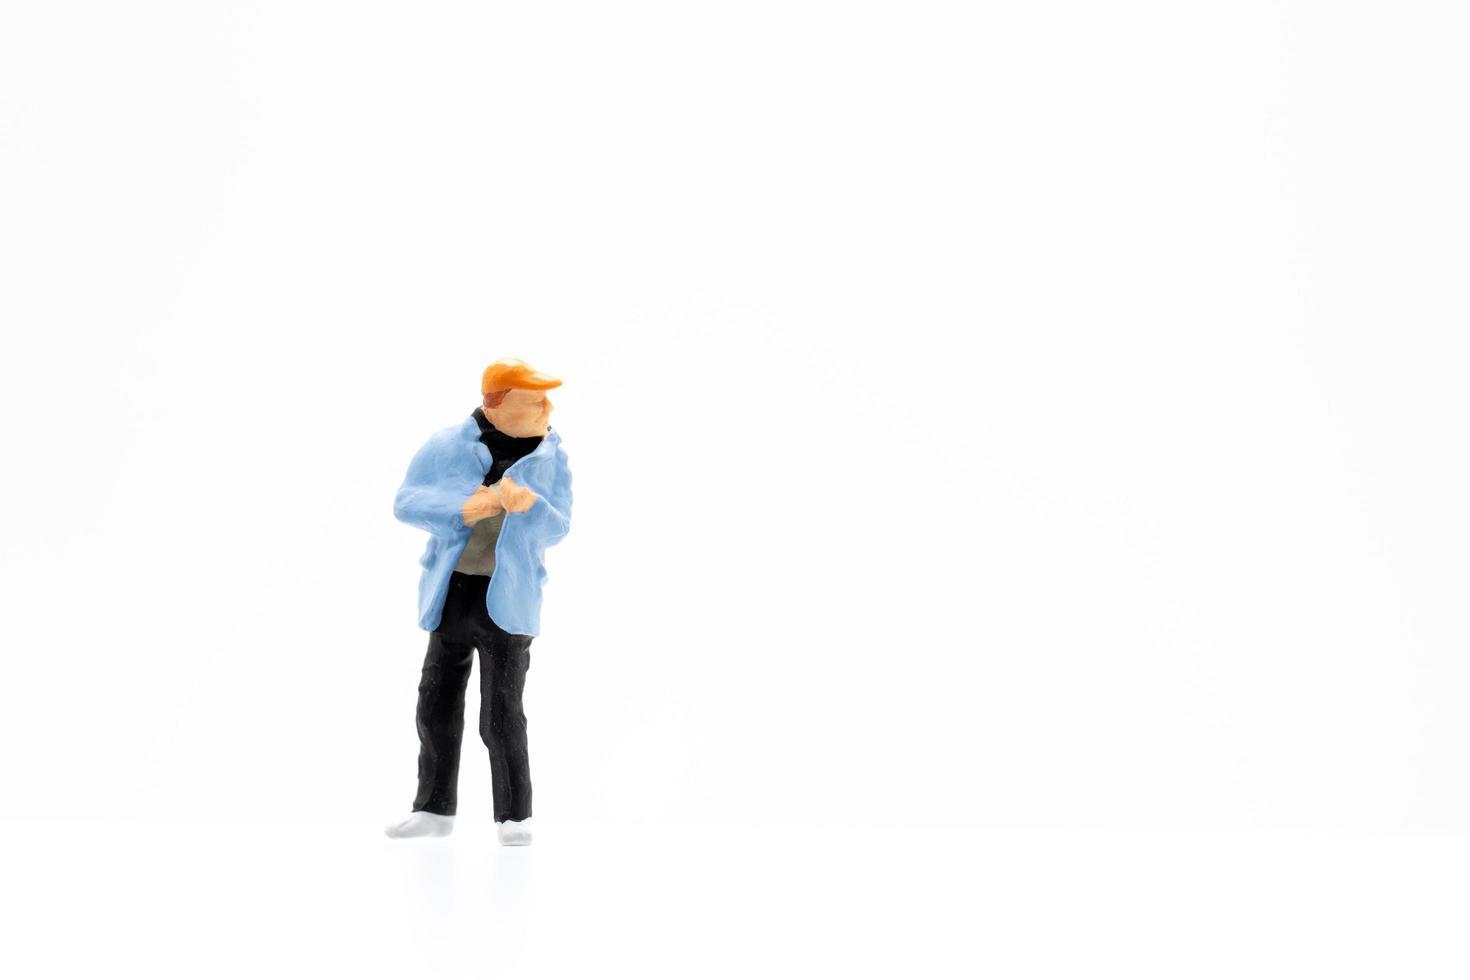 une personne miniature debout sur un fond blanc photo